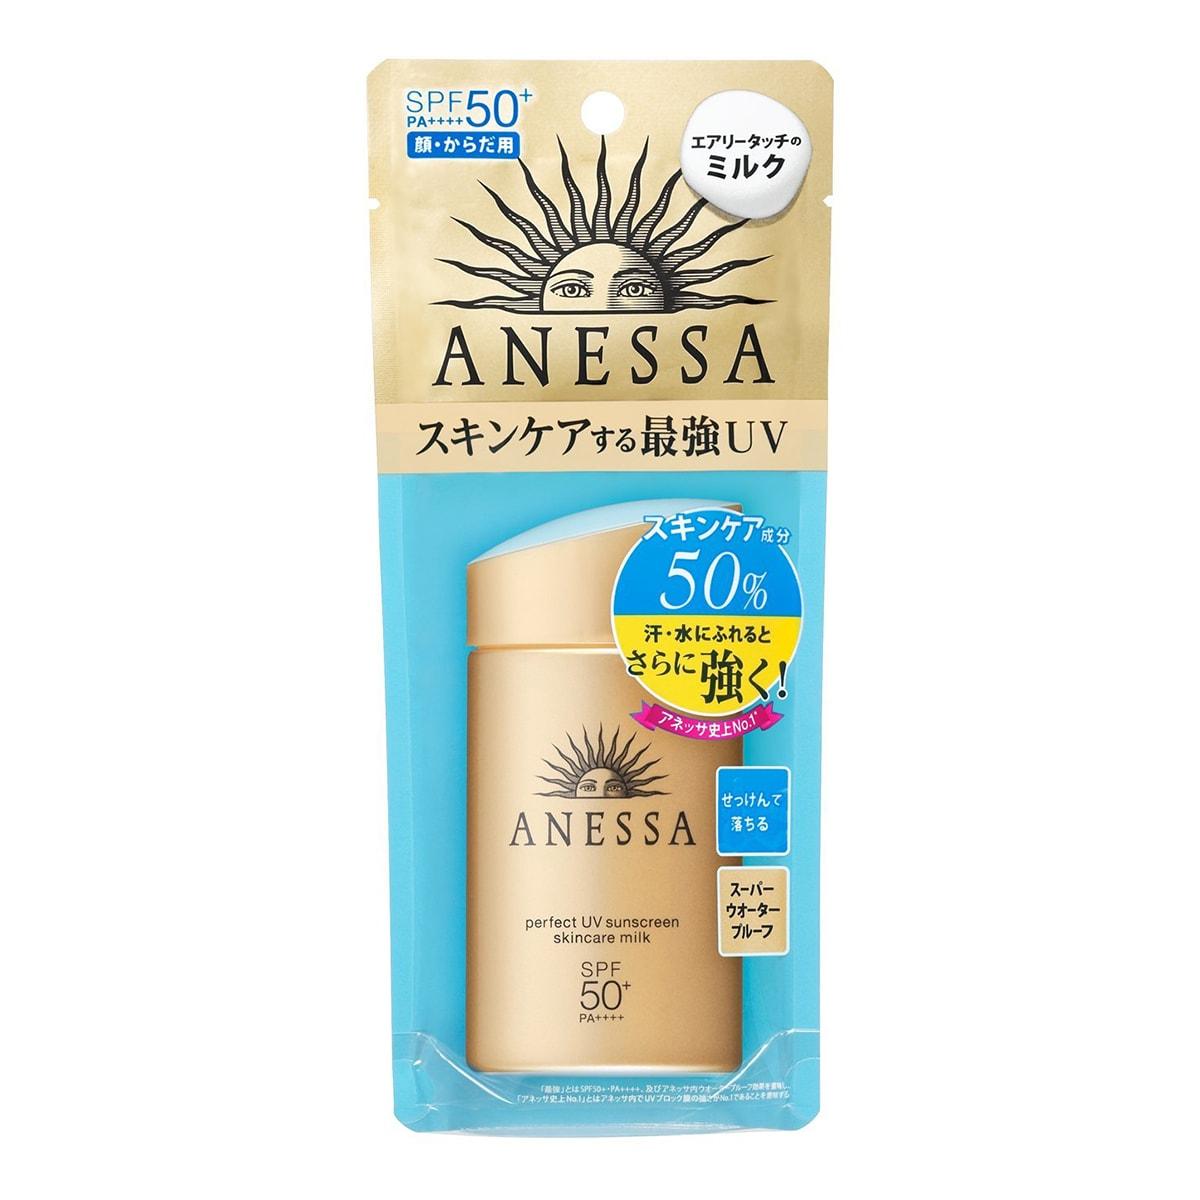 日本SHISEIDO资生堂 ANESSA安耐晒 超防水防晒霜 金瓶 中性油性肌肤适用 SPF50+ PA++++ 60ml  COSME大赏第一位 2018版